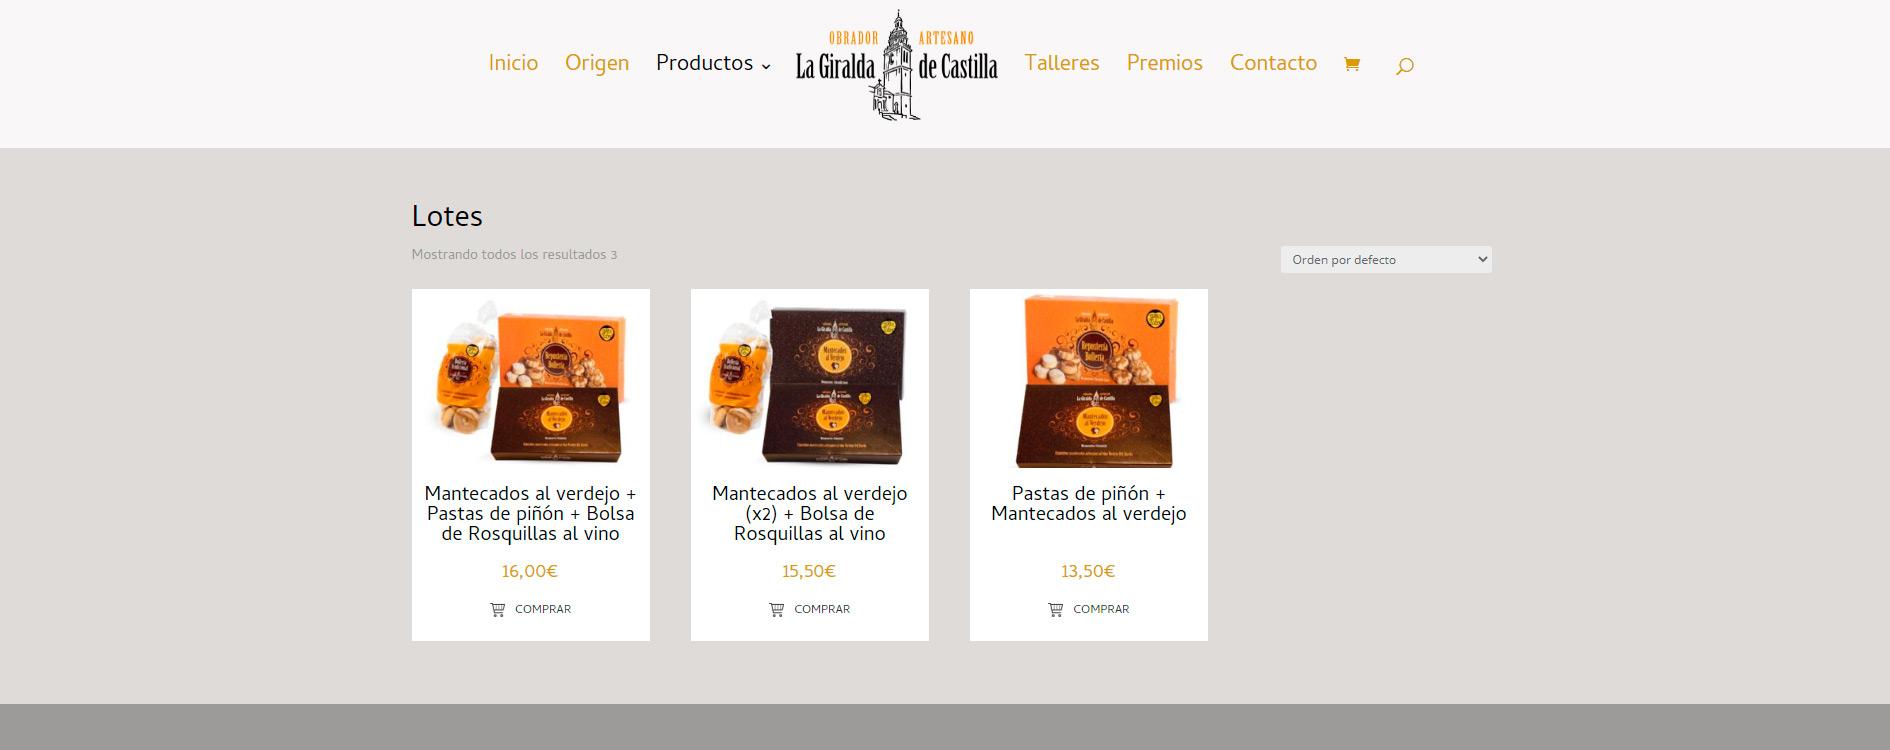 La Giralde de Castilla tienda online